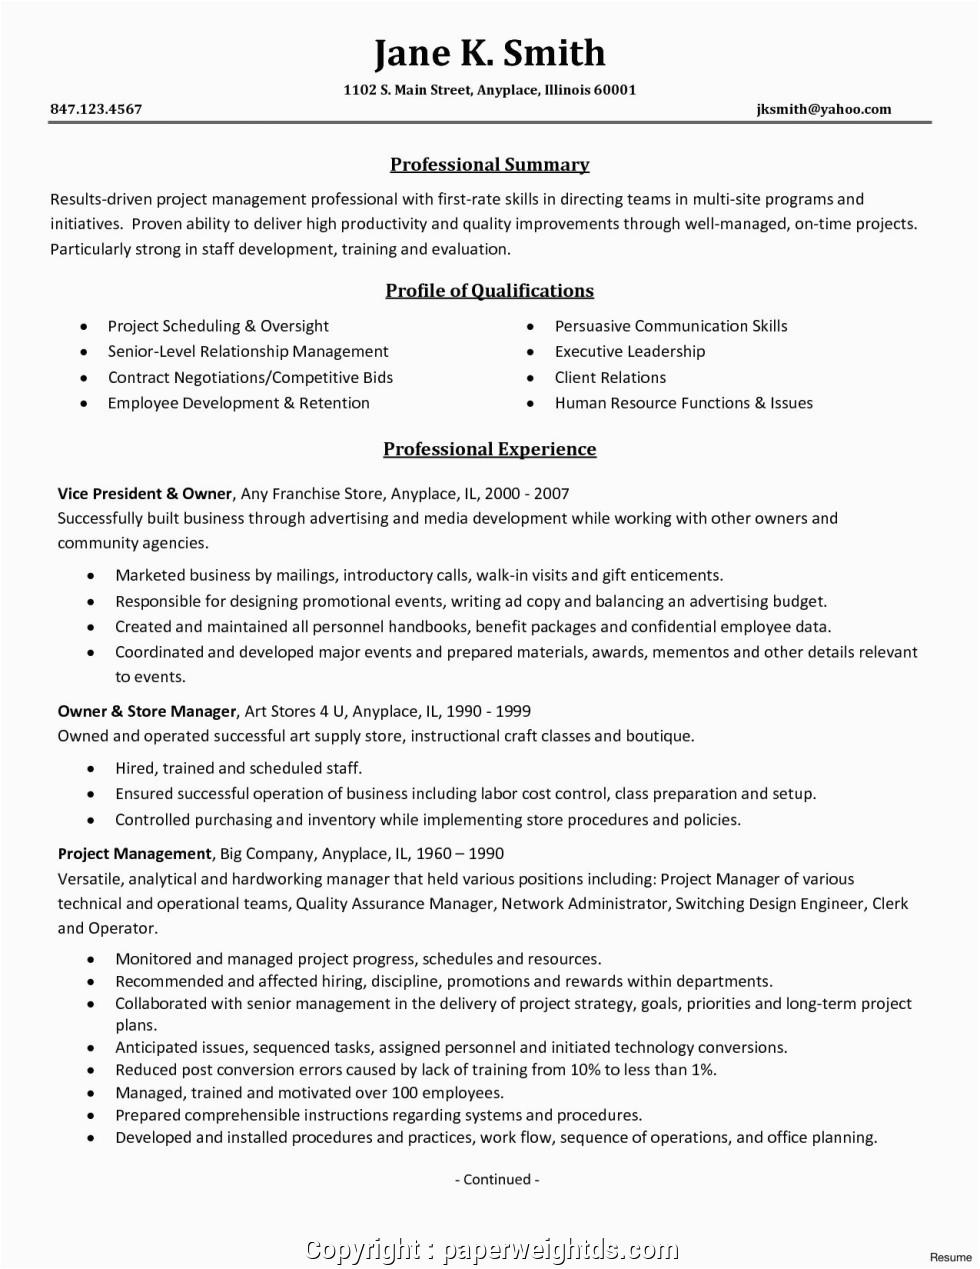 modern entry level program manager resume